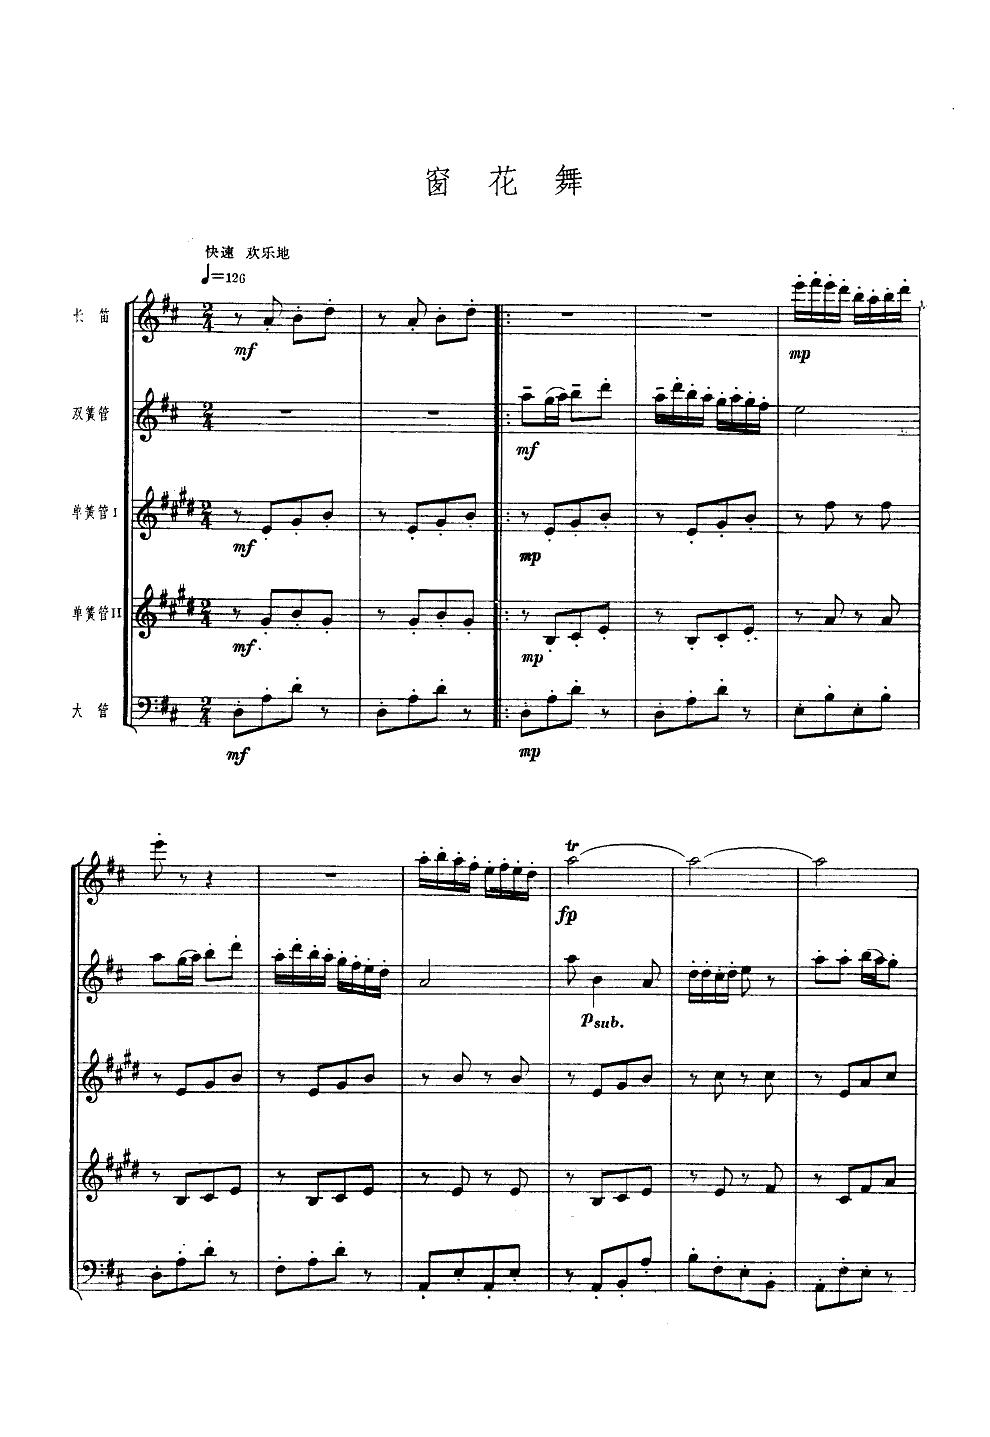 木管五重奏《魔笛》序曲